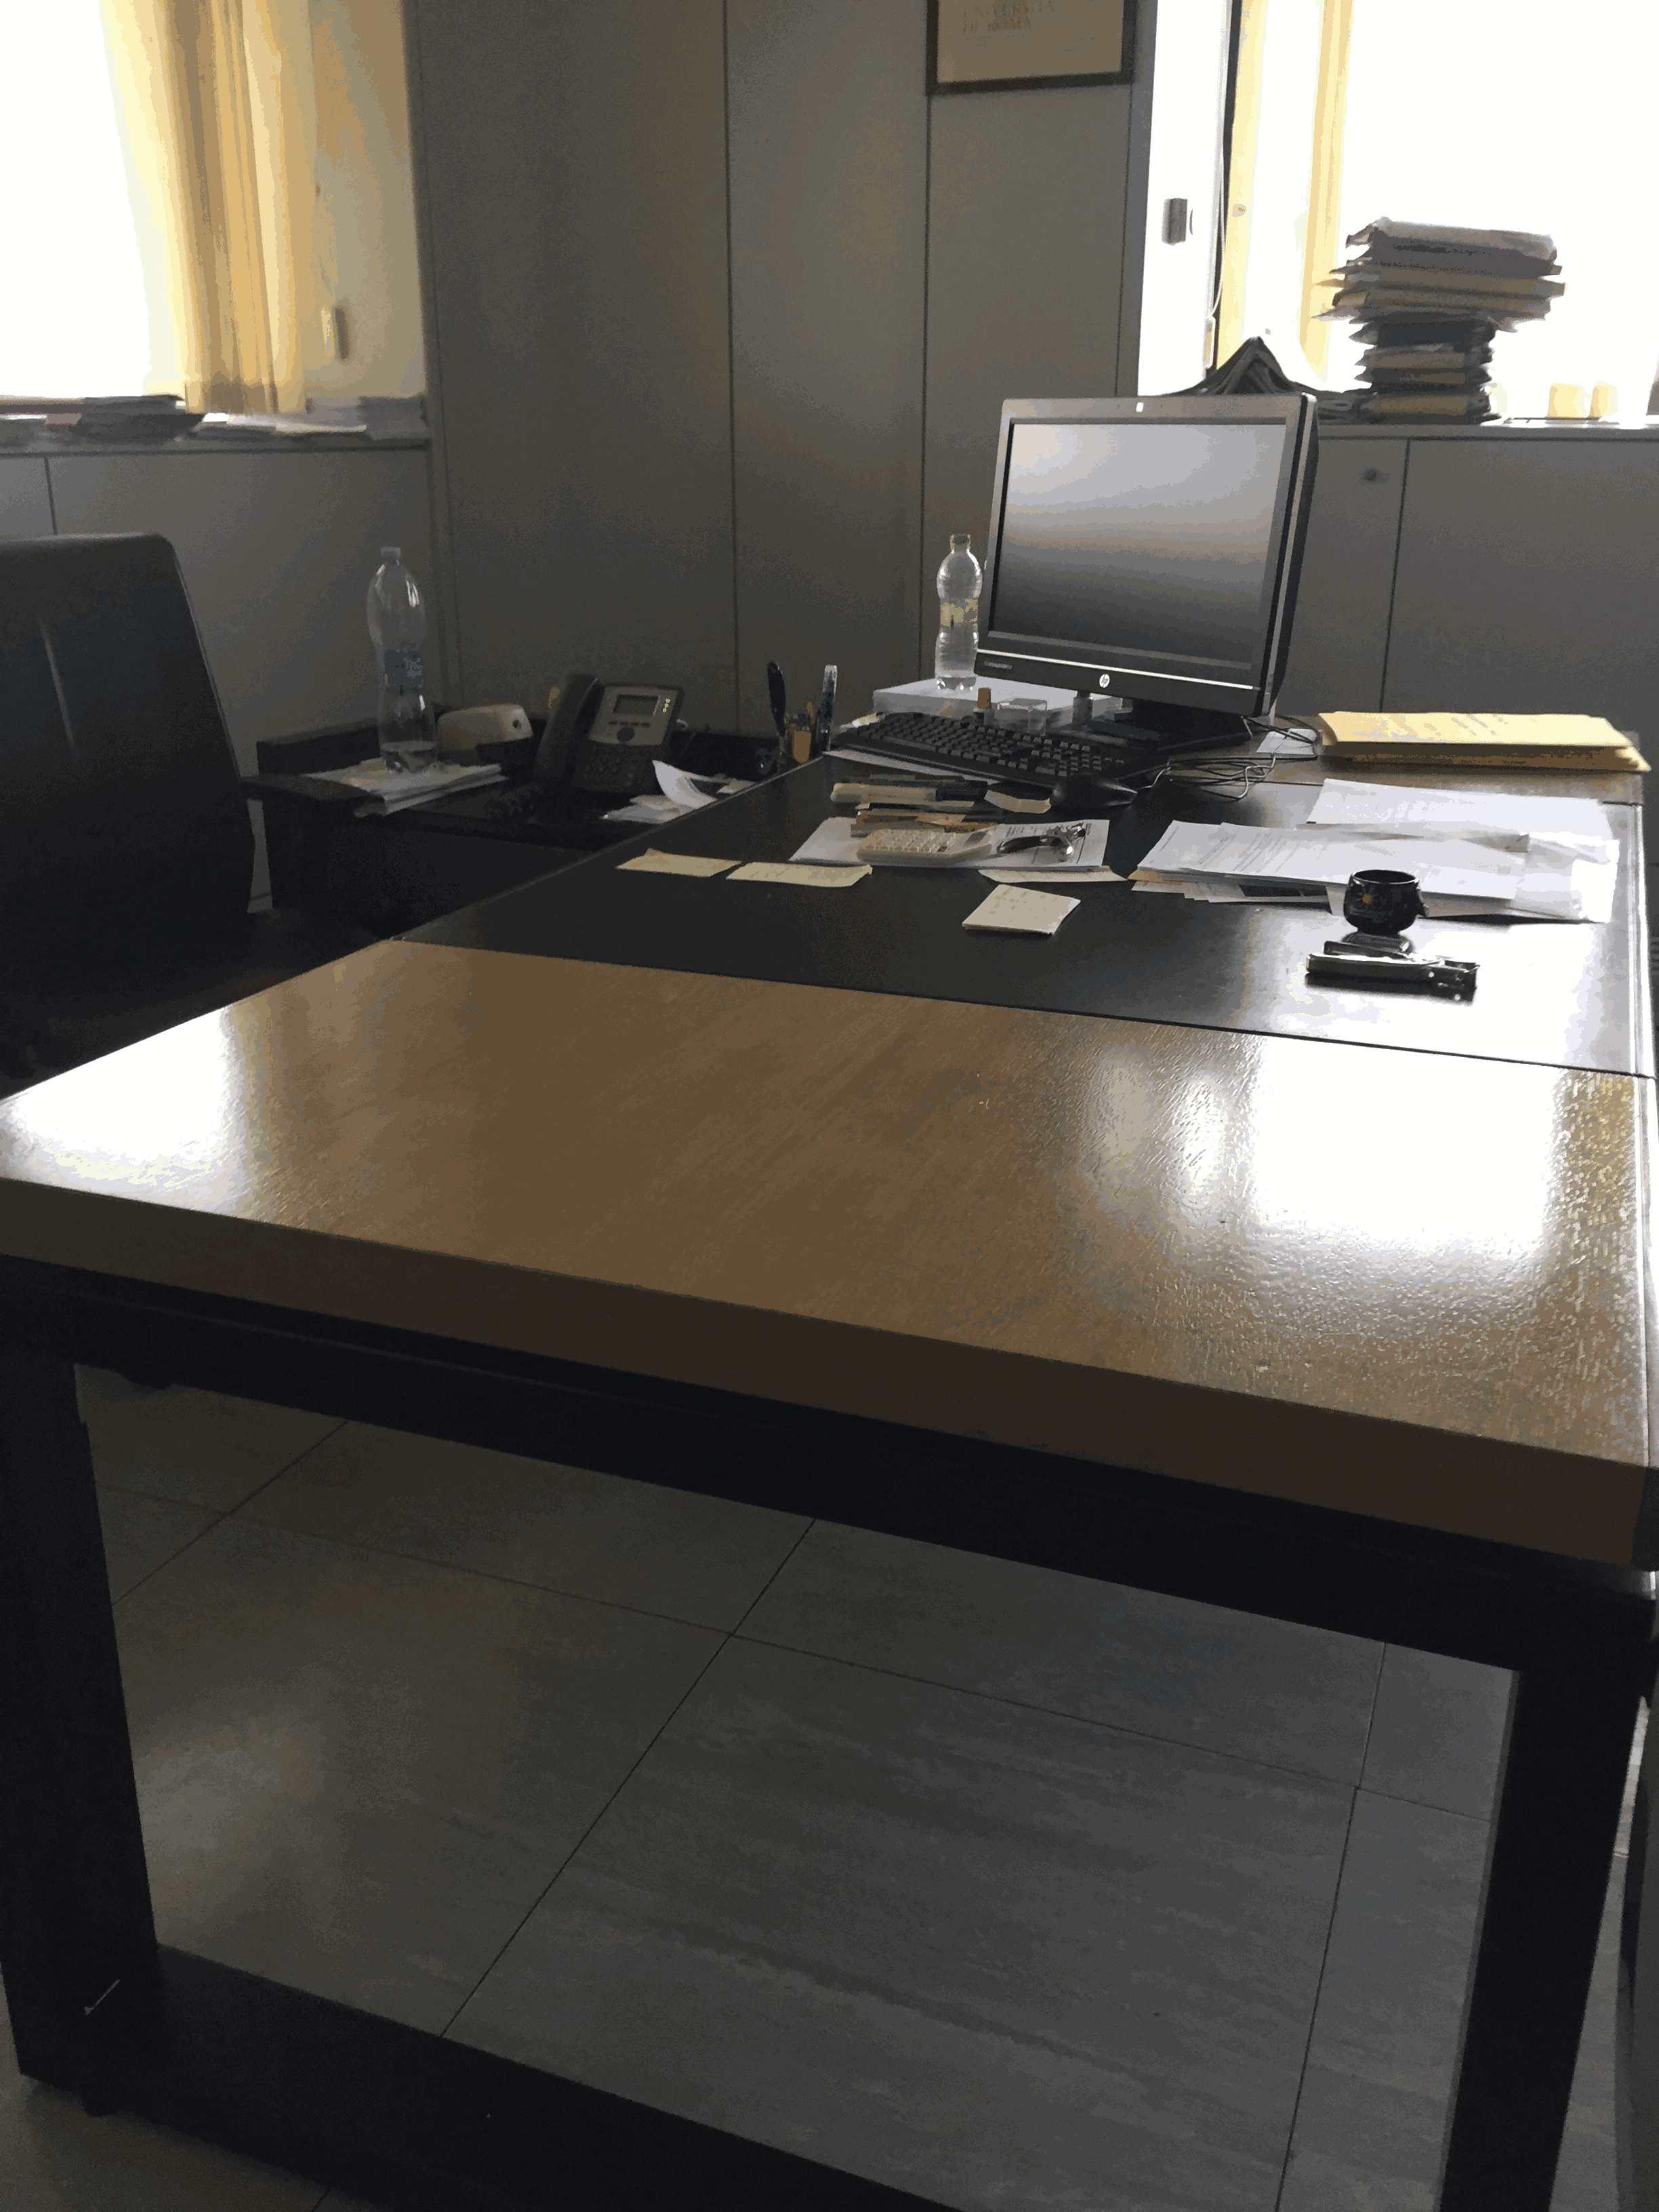 Lotto 2 ufficio completo n 2 scrivania poltrone for Ufficio completo offerte